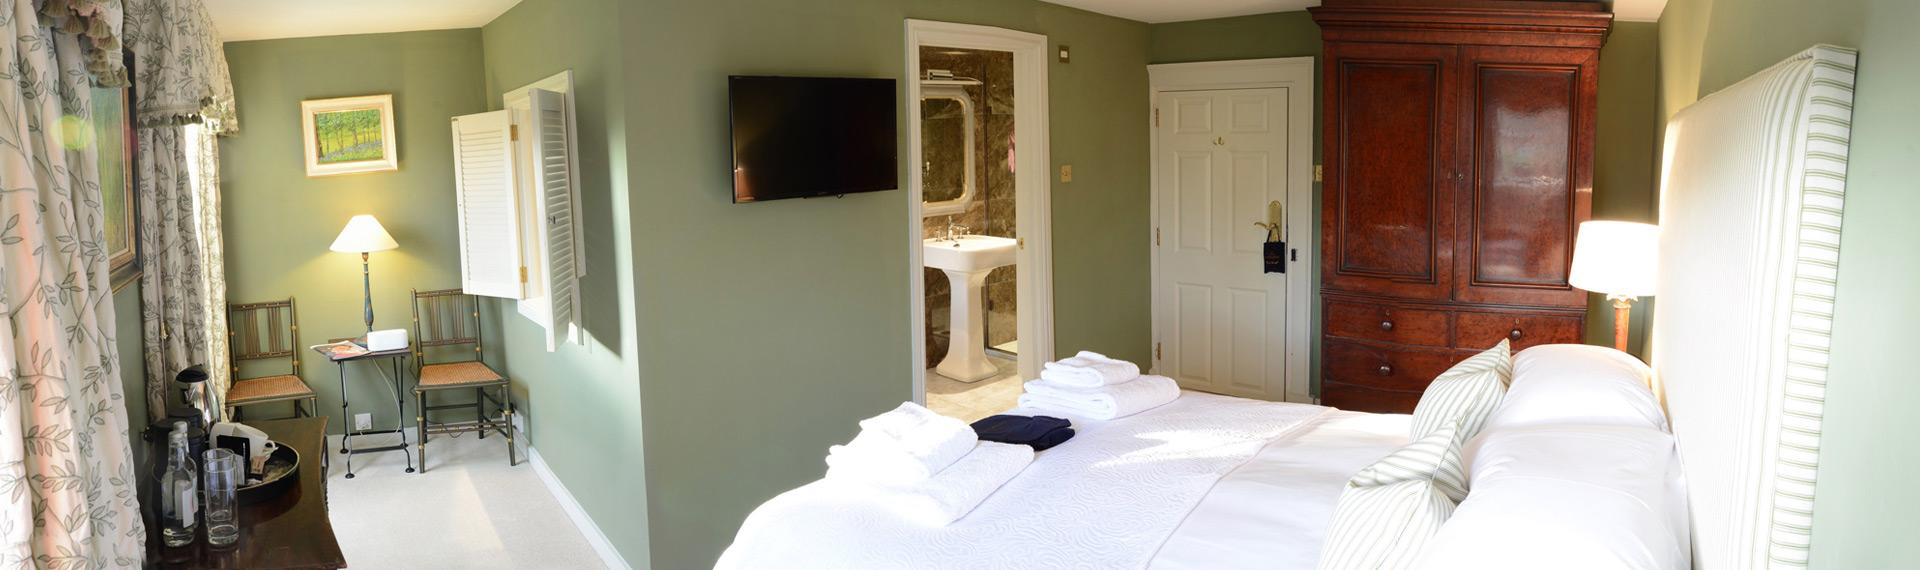 room 4 -